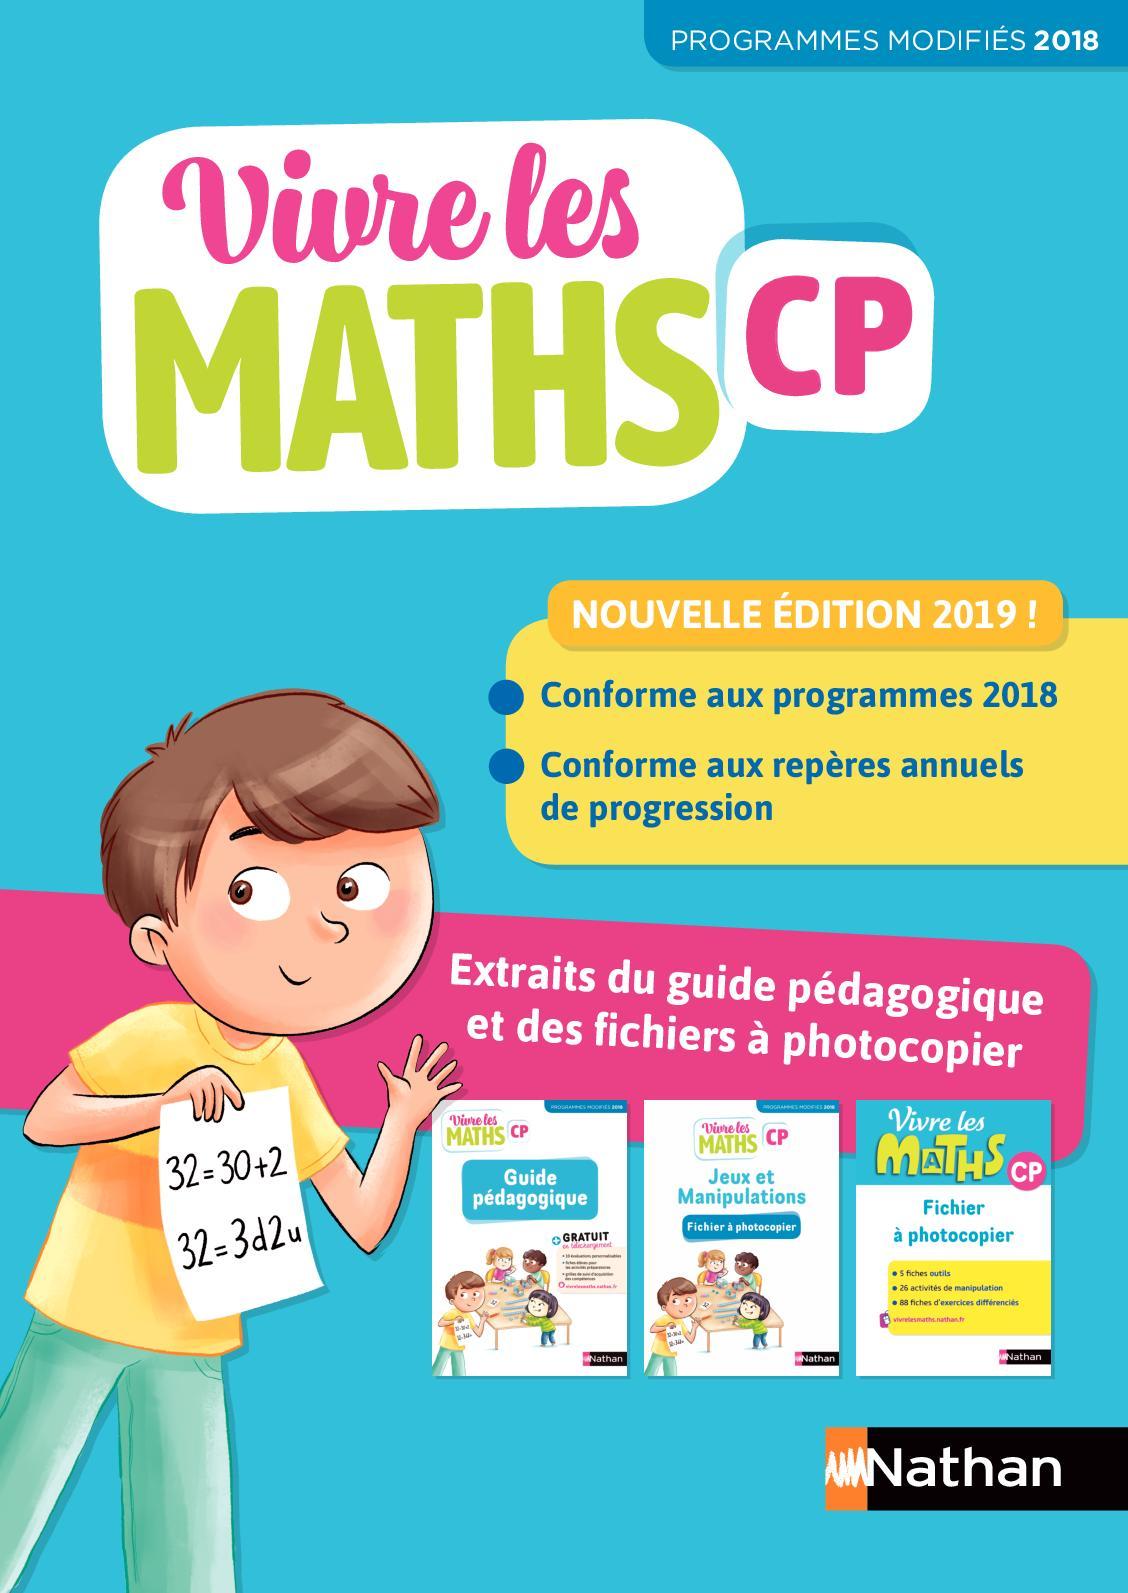 Calameo Extrait Vivre Les Maths Cp Guide Pedagogique